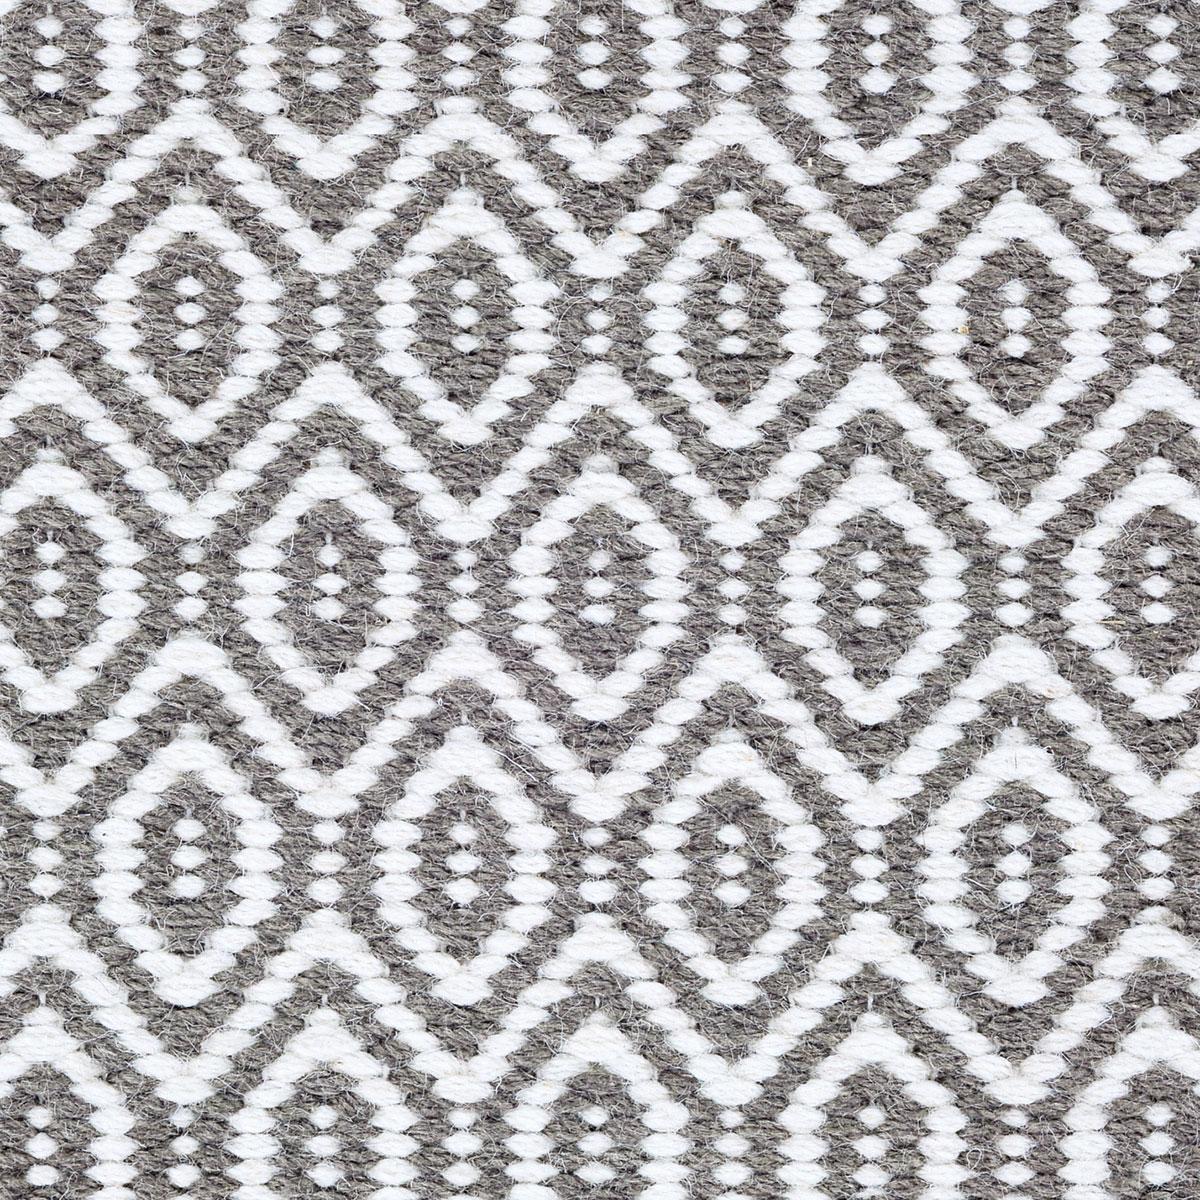 majestic-diamond_wool_broadloom_patterson-flynn-martin_pfm